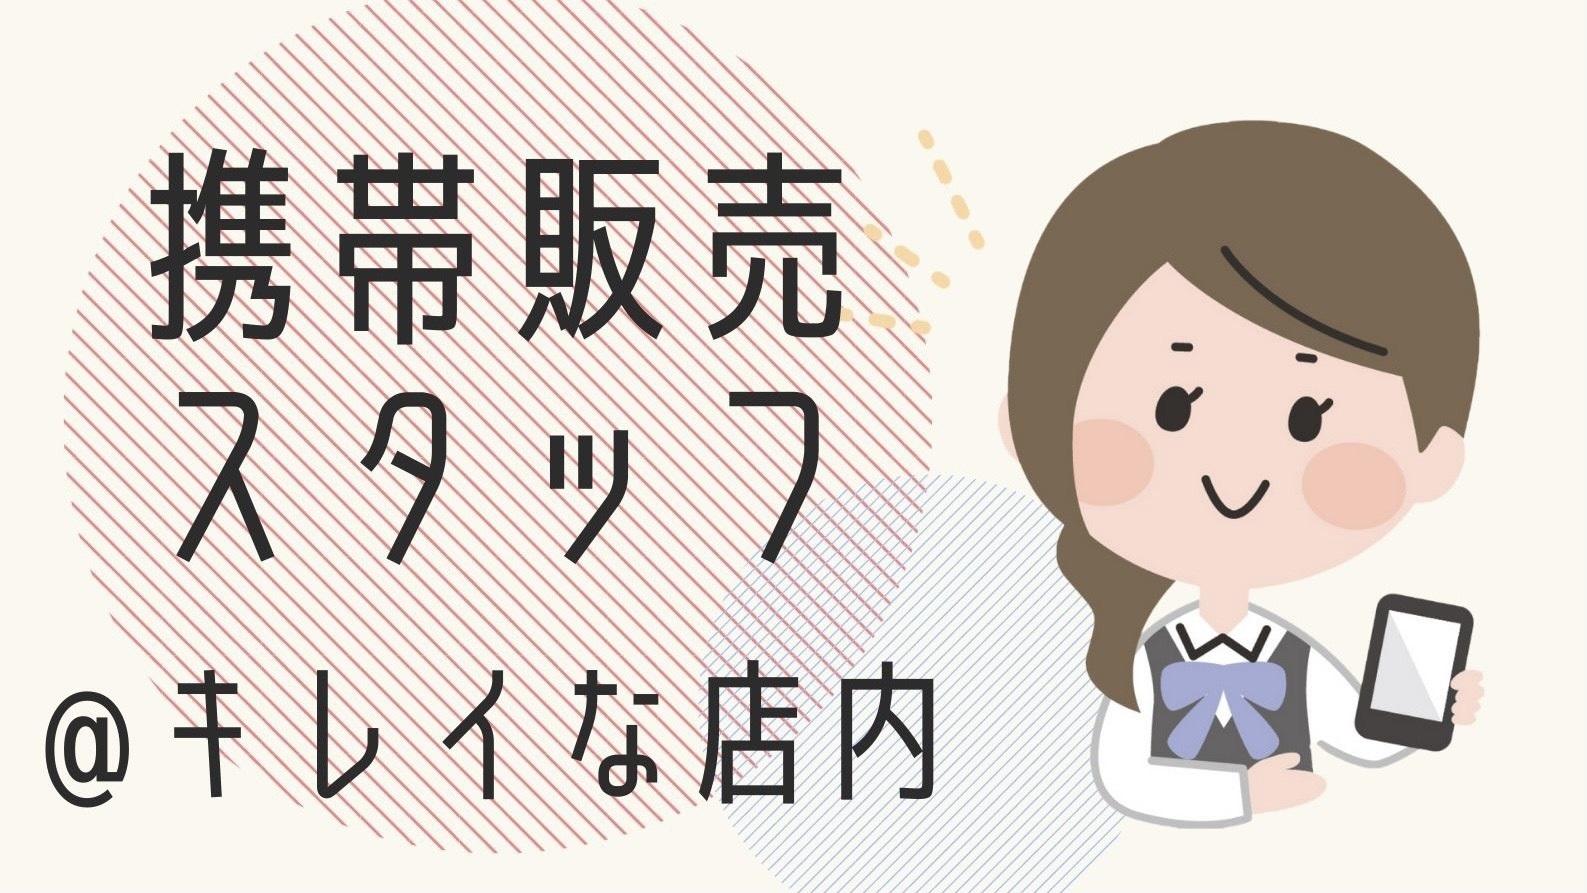 【未経験OK】\キャリアアップ/接客スキル・コミュニケーションスキルが磨かれる◎ソフトバンクショップスタッフ☆